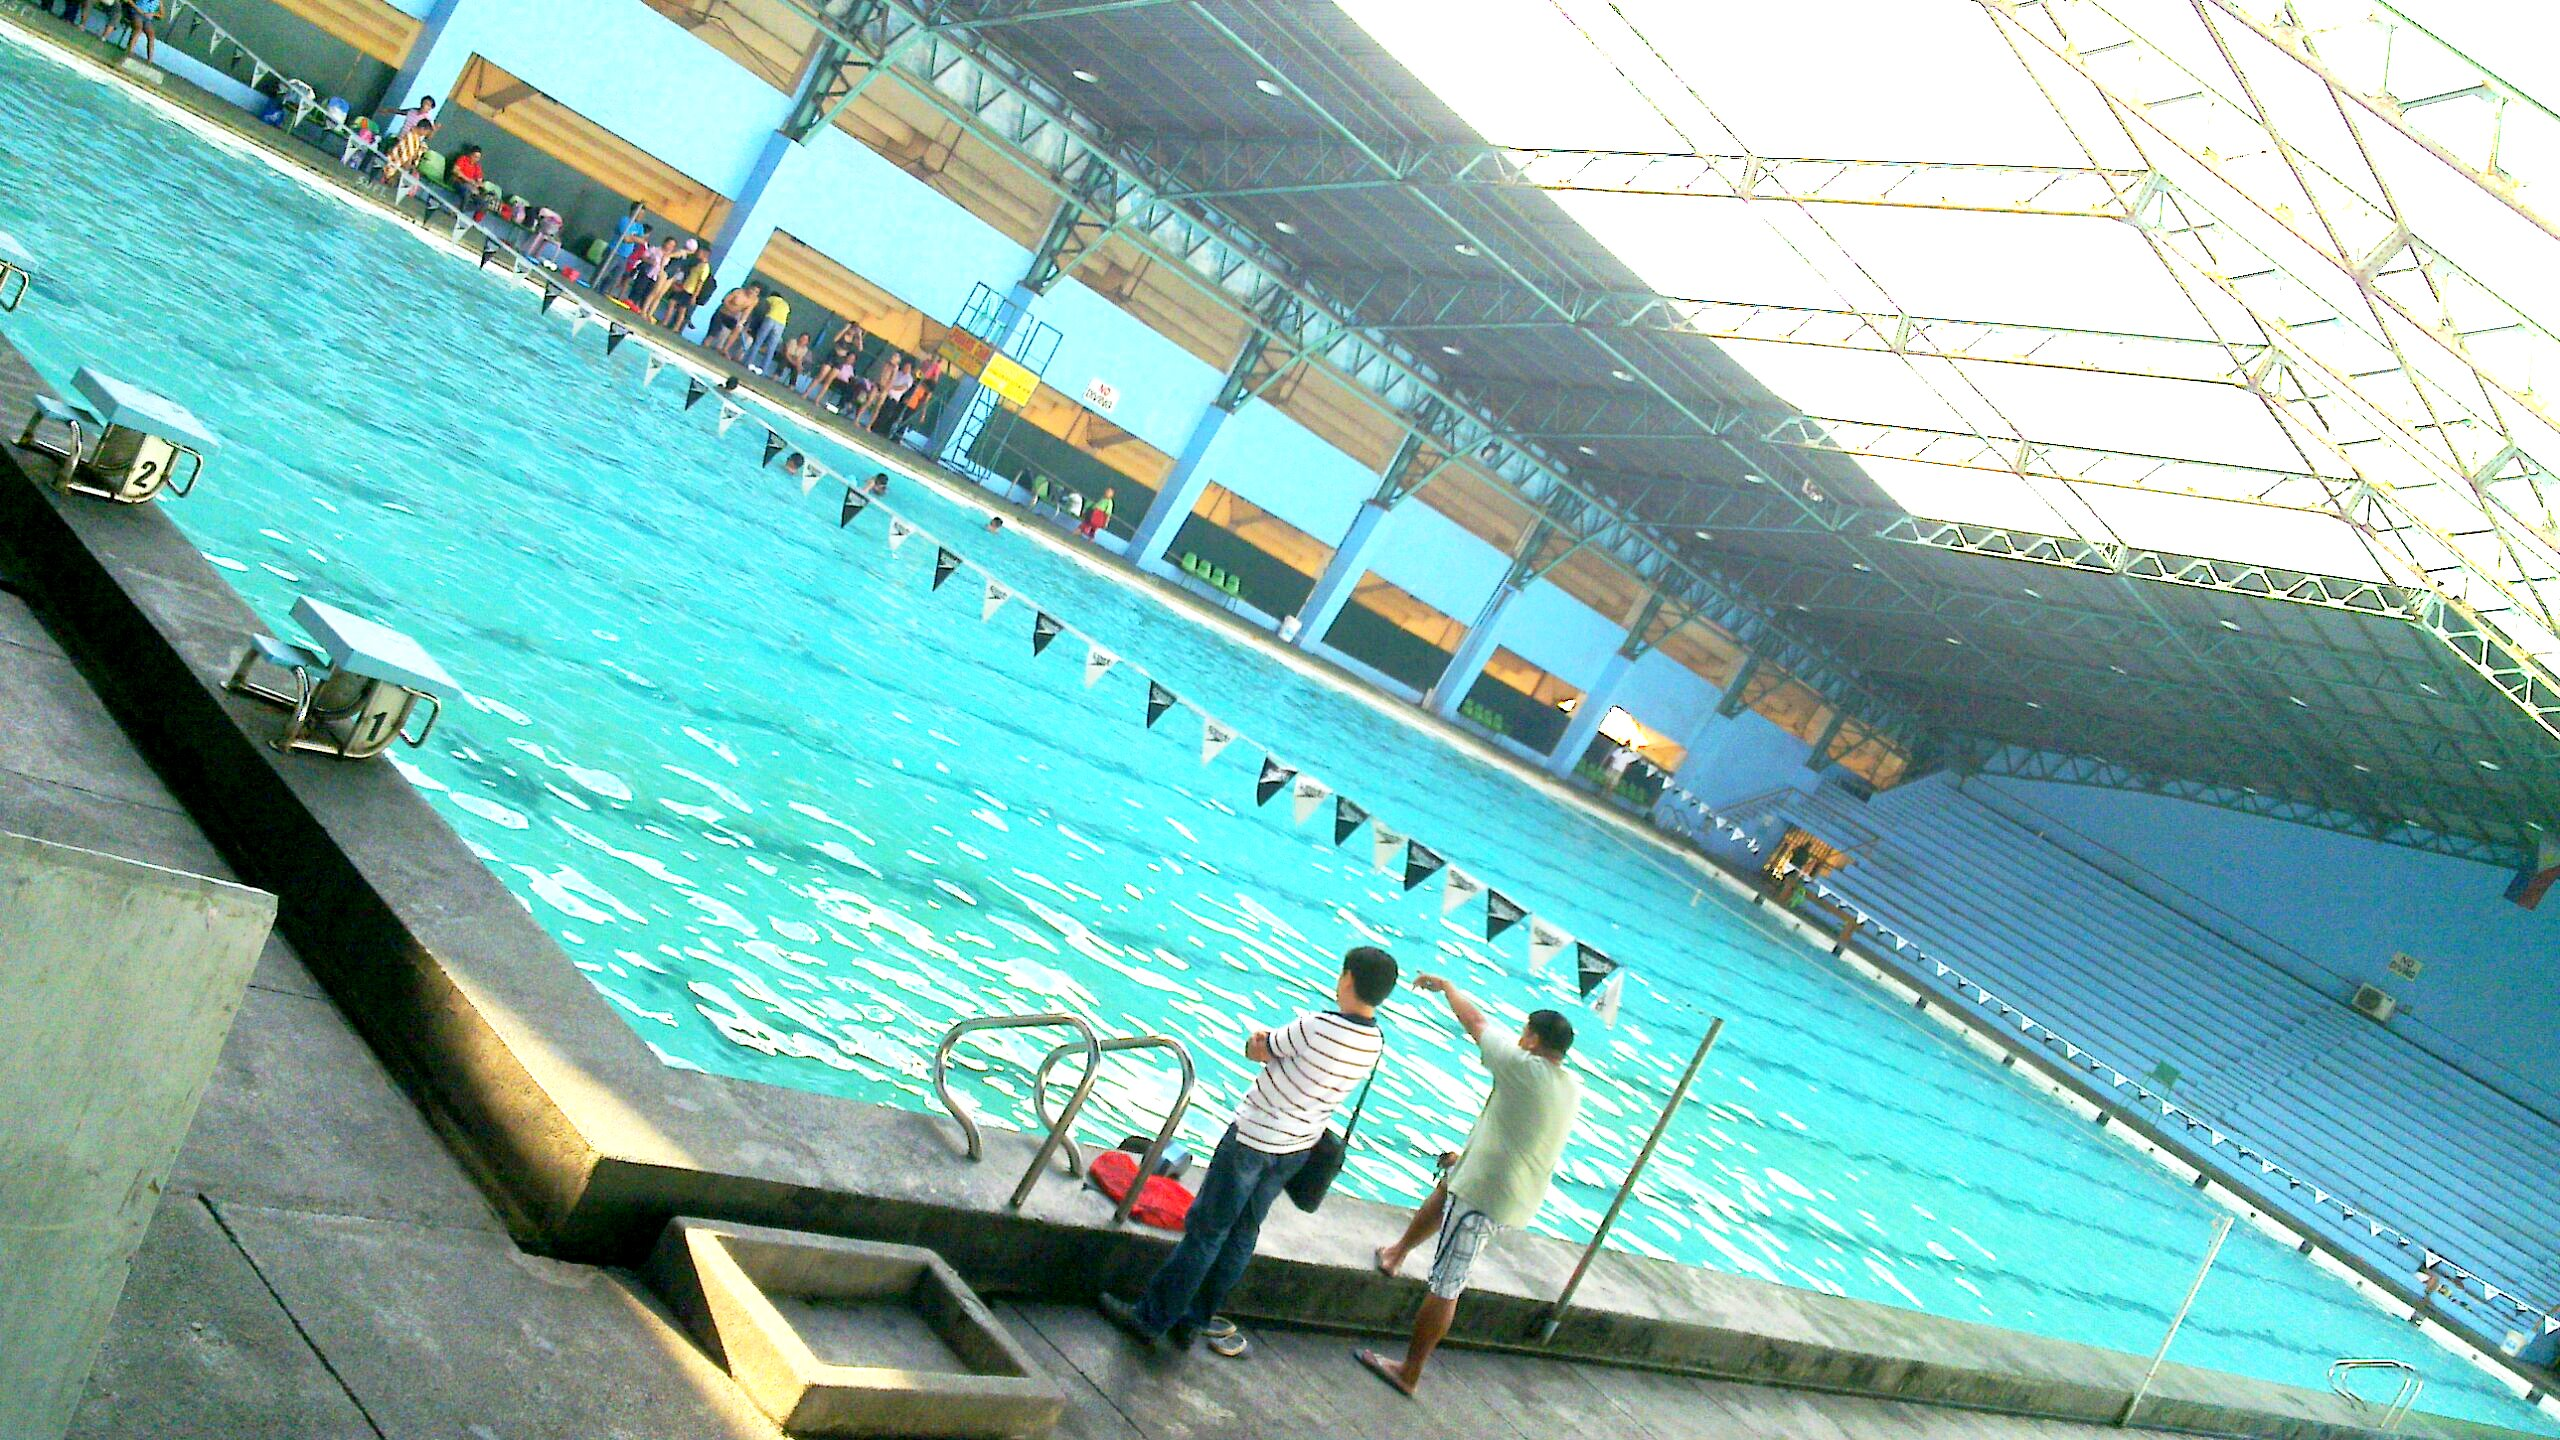 Bourne lagacy in marikina city urbandud Marikina sports center swimming pool